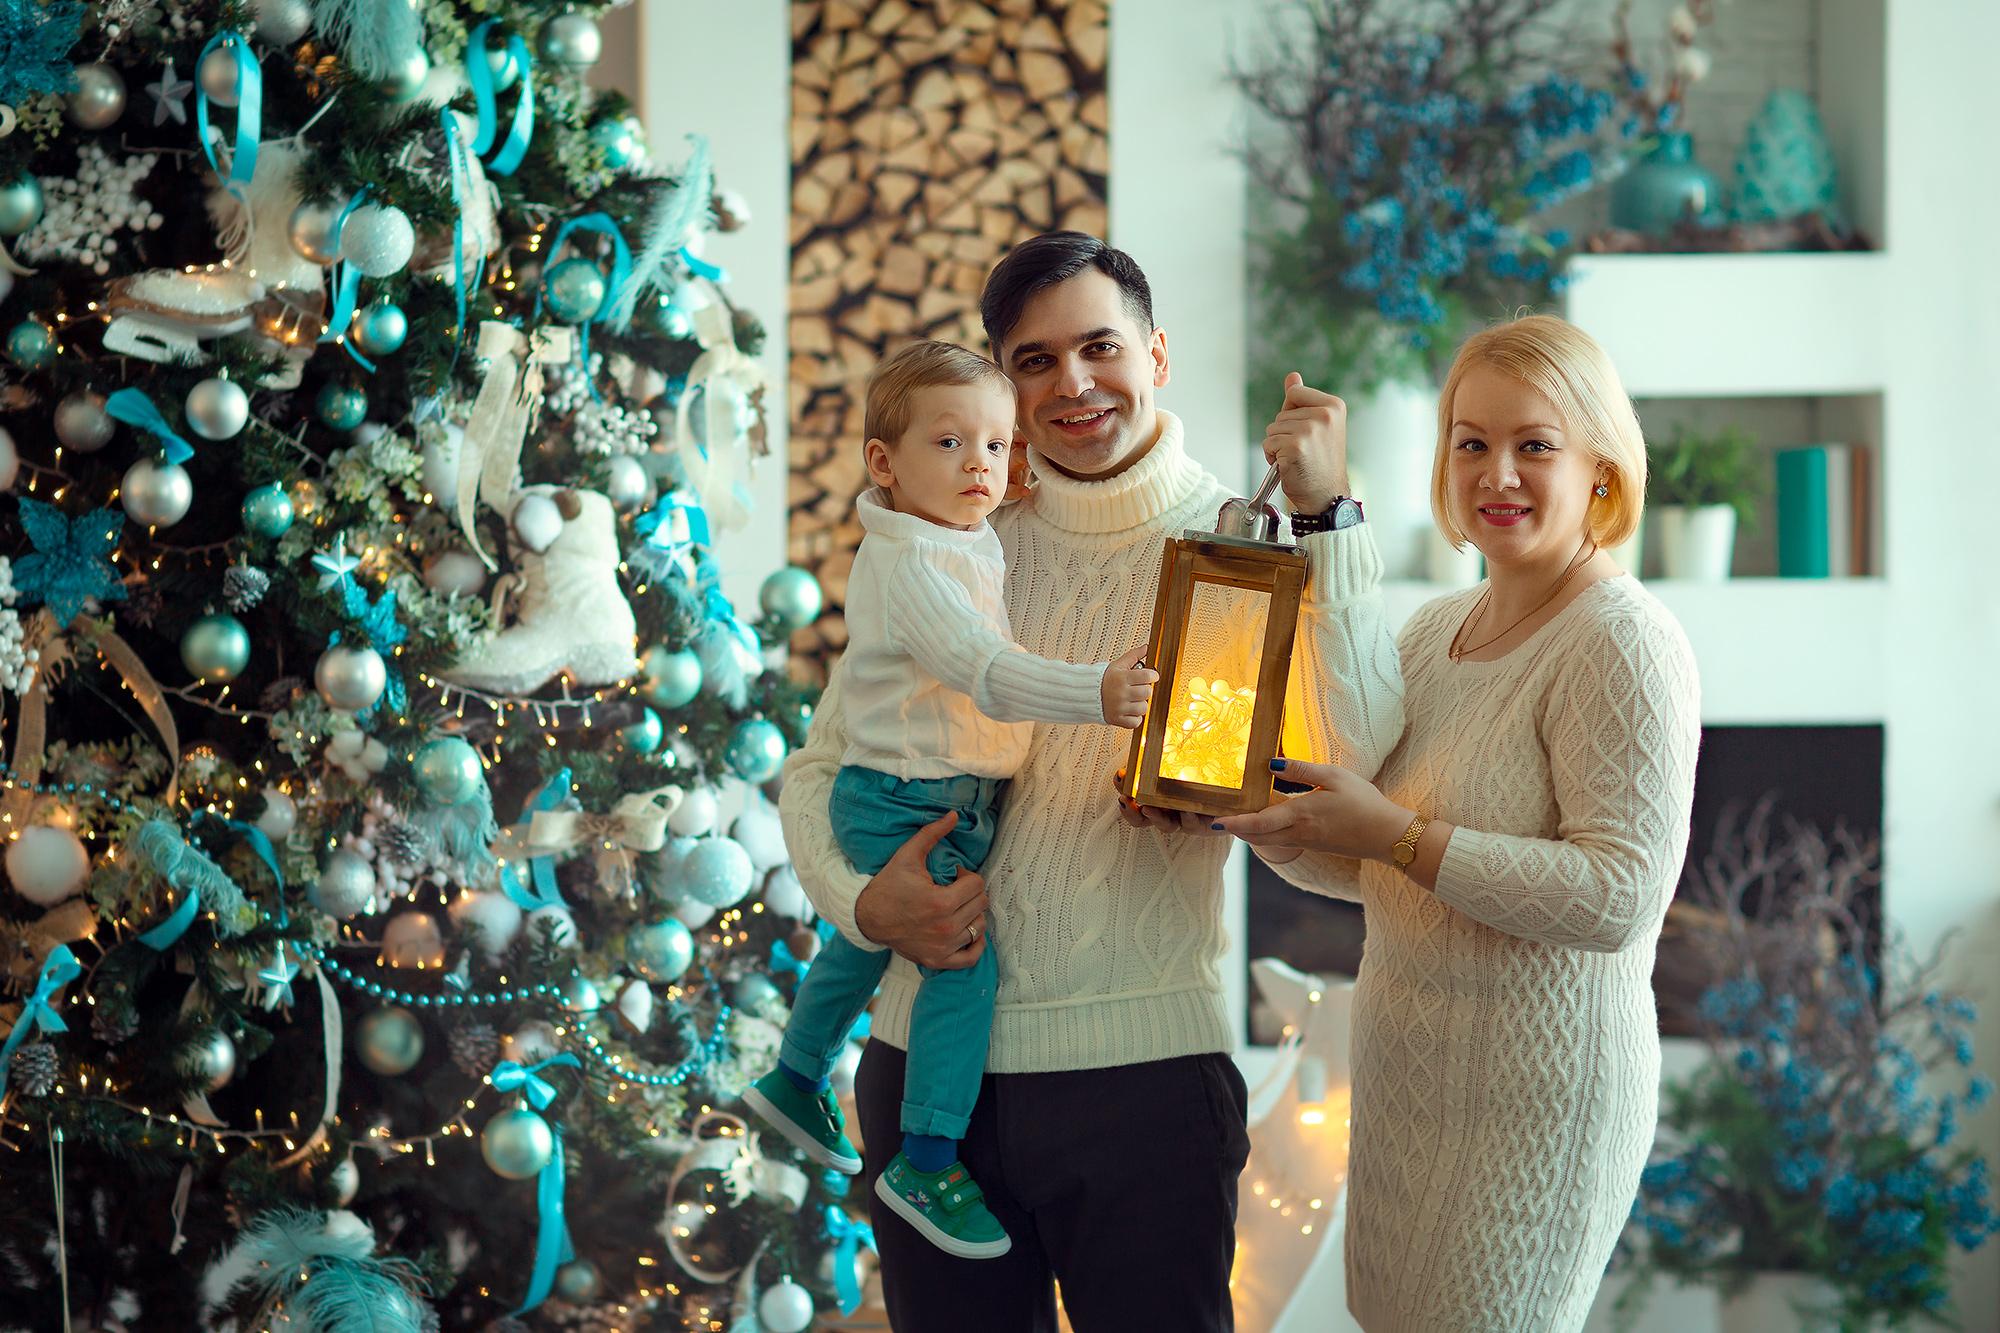 новогодняя фотосессия для семьи с детьми